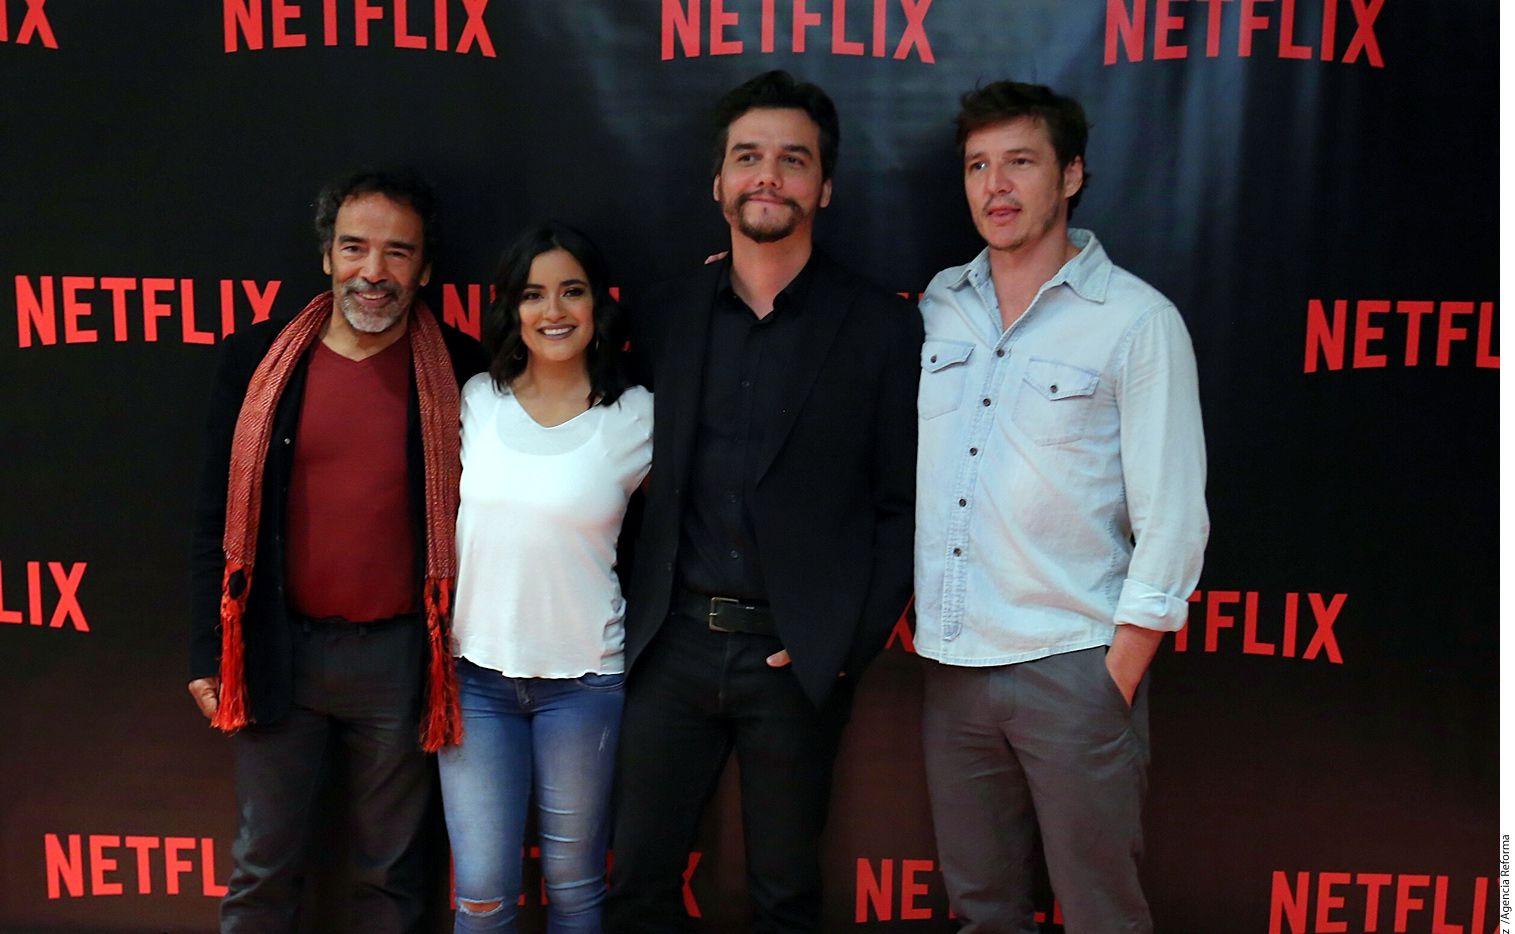 (Se izq. a der.) Damián Alcázar, Paulina Gaitán, Wagner Mora y Pedro Pascal son parte de la segunda temporada de 'Narcos', que estrena el 2 de septiembre./AGENCIA REFORMA